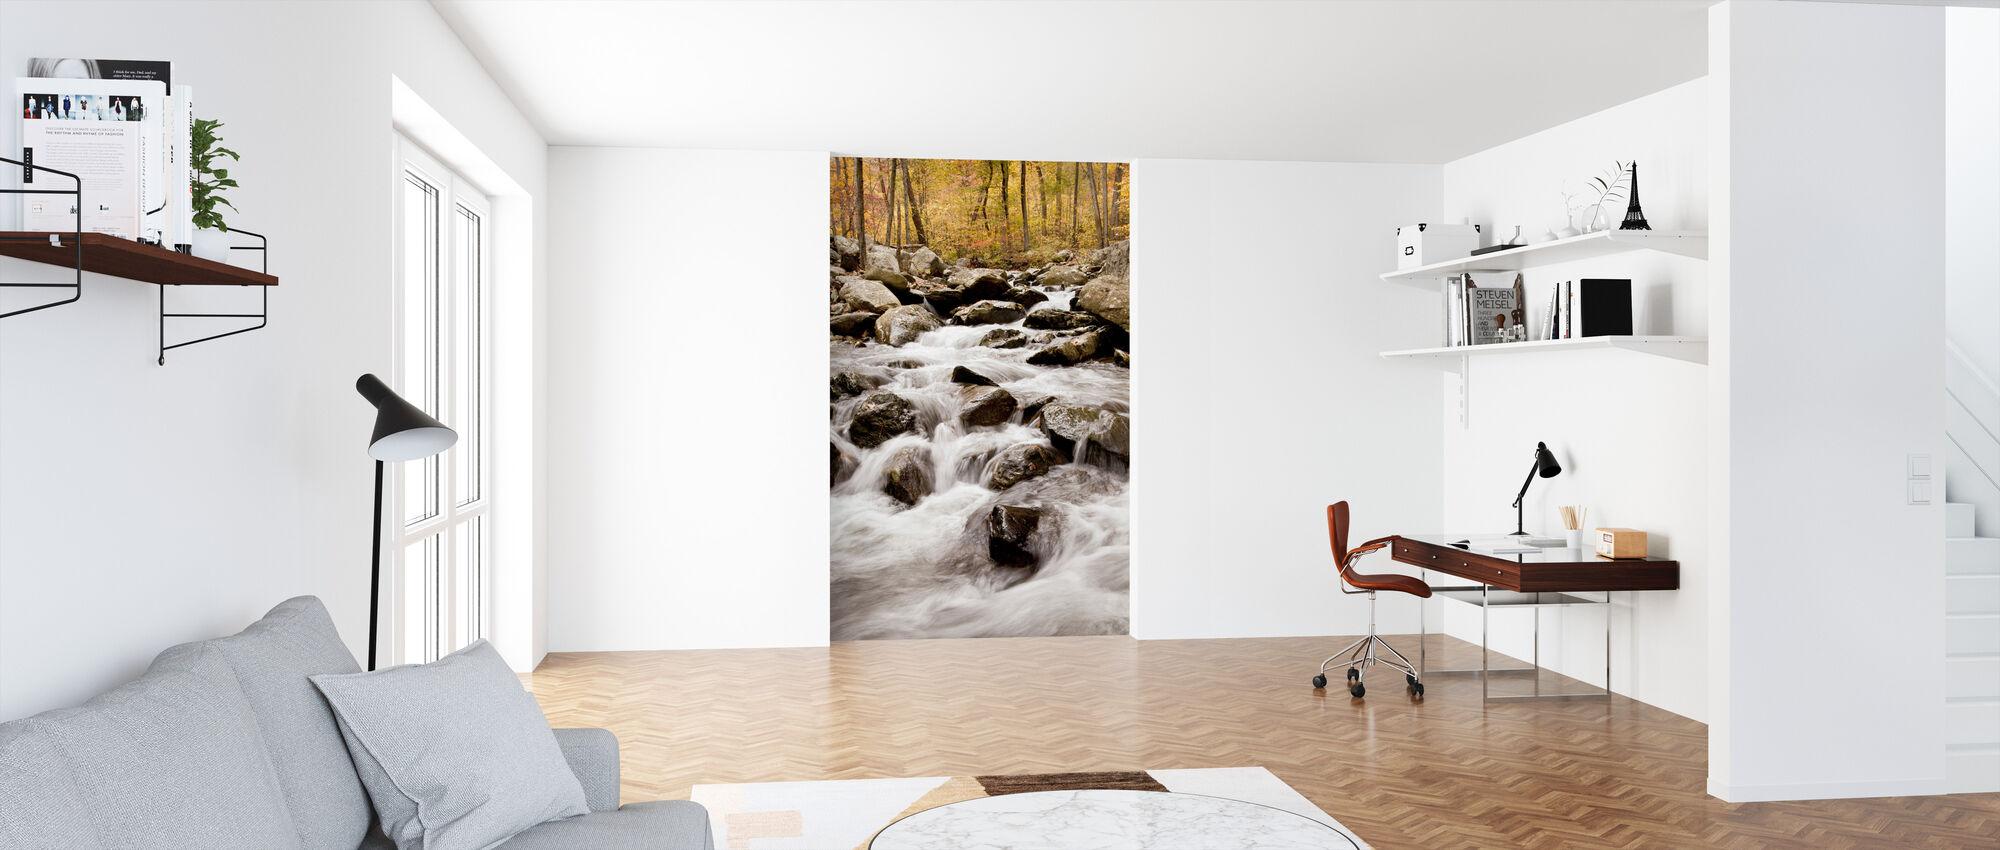 White Oak Canyon Falls - Wallpaper - Office